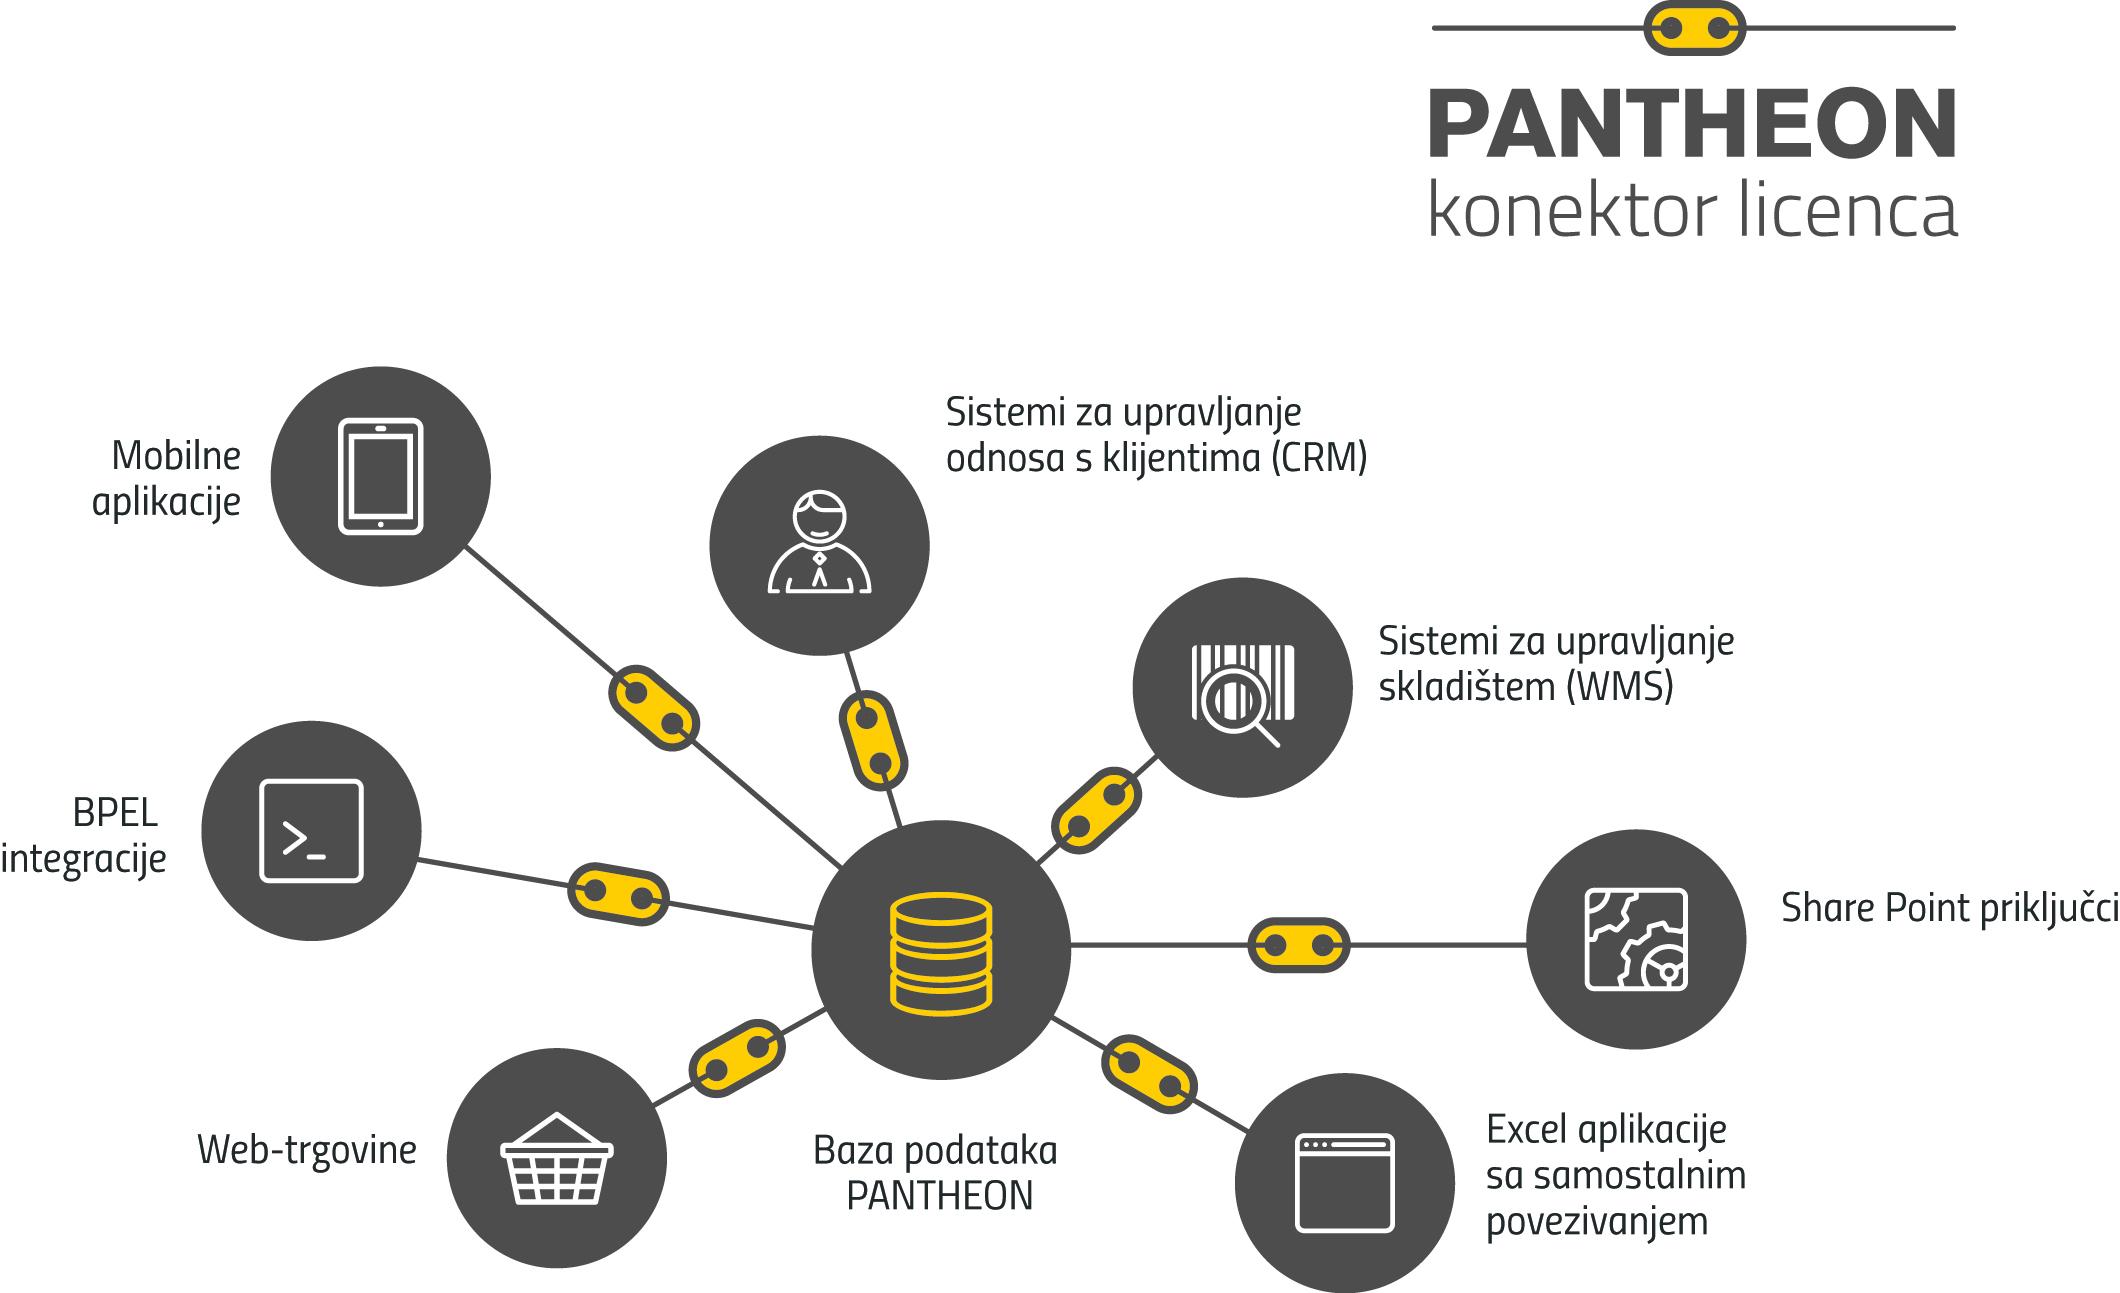 PANTHEON konektor licence